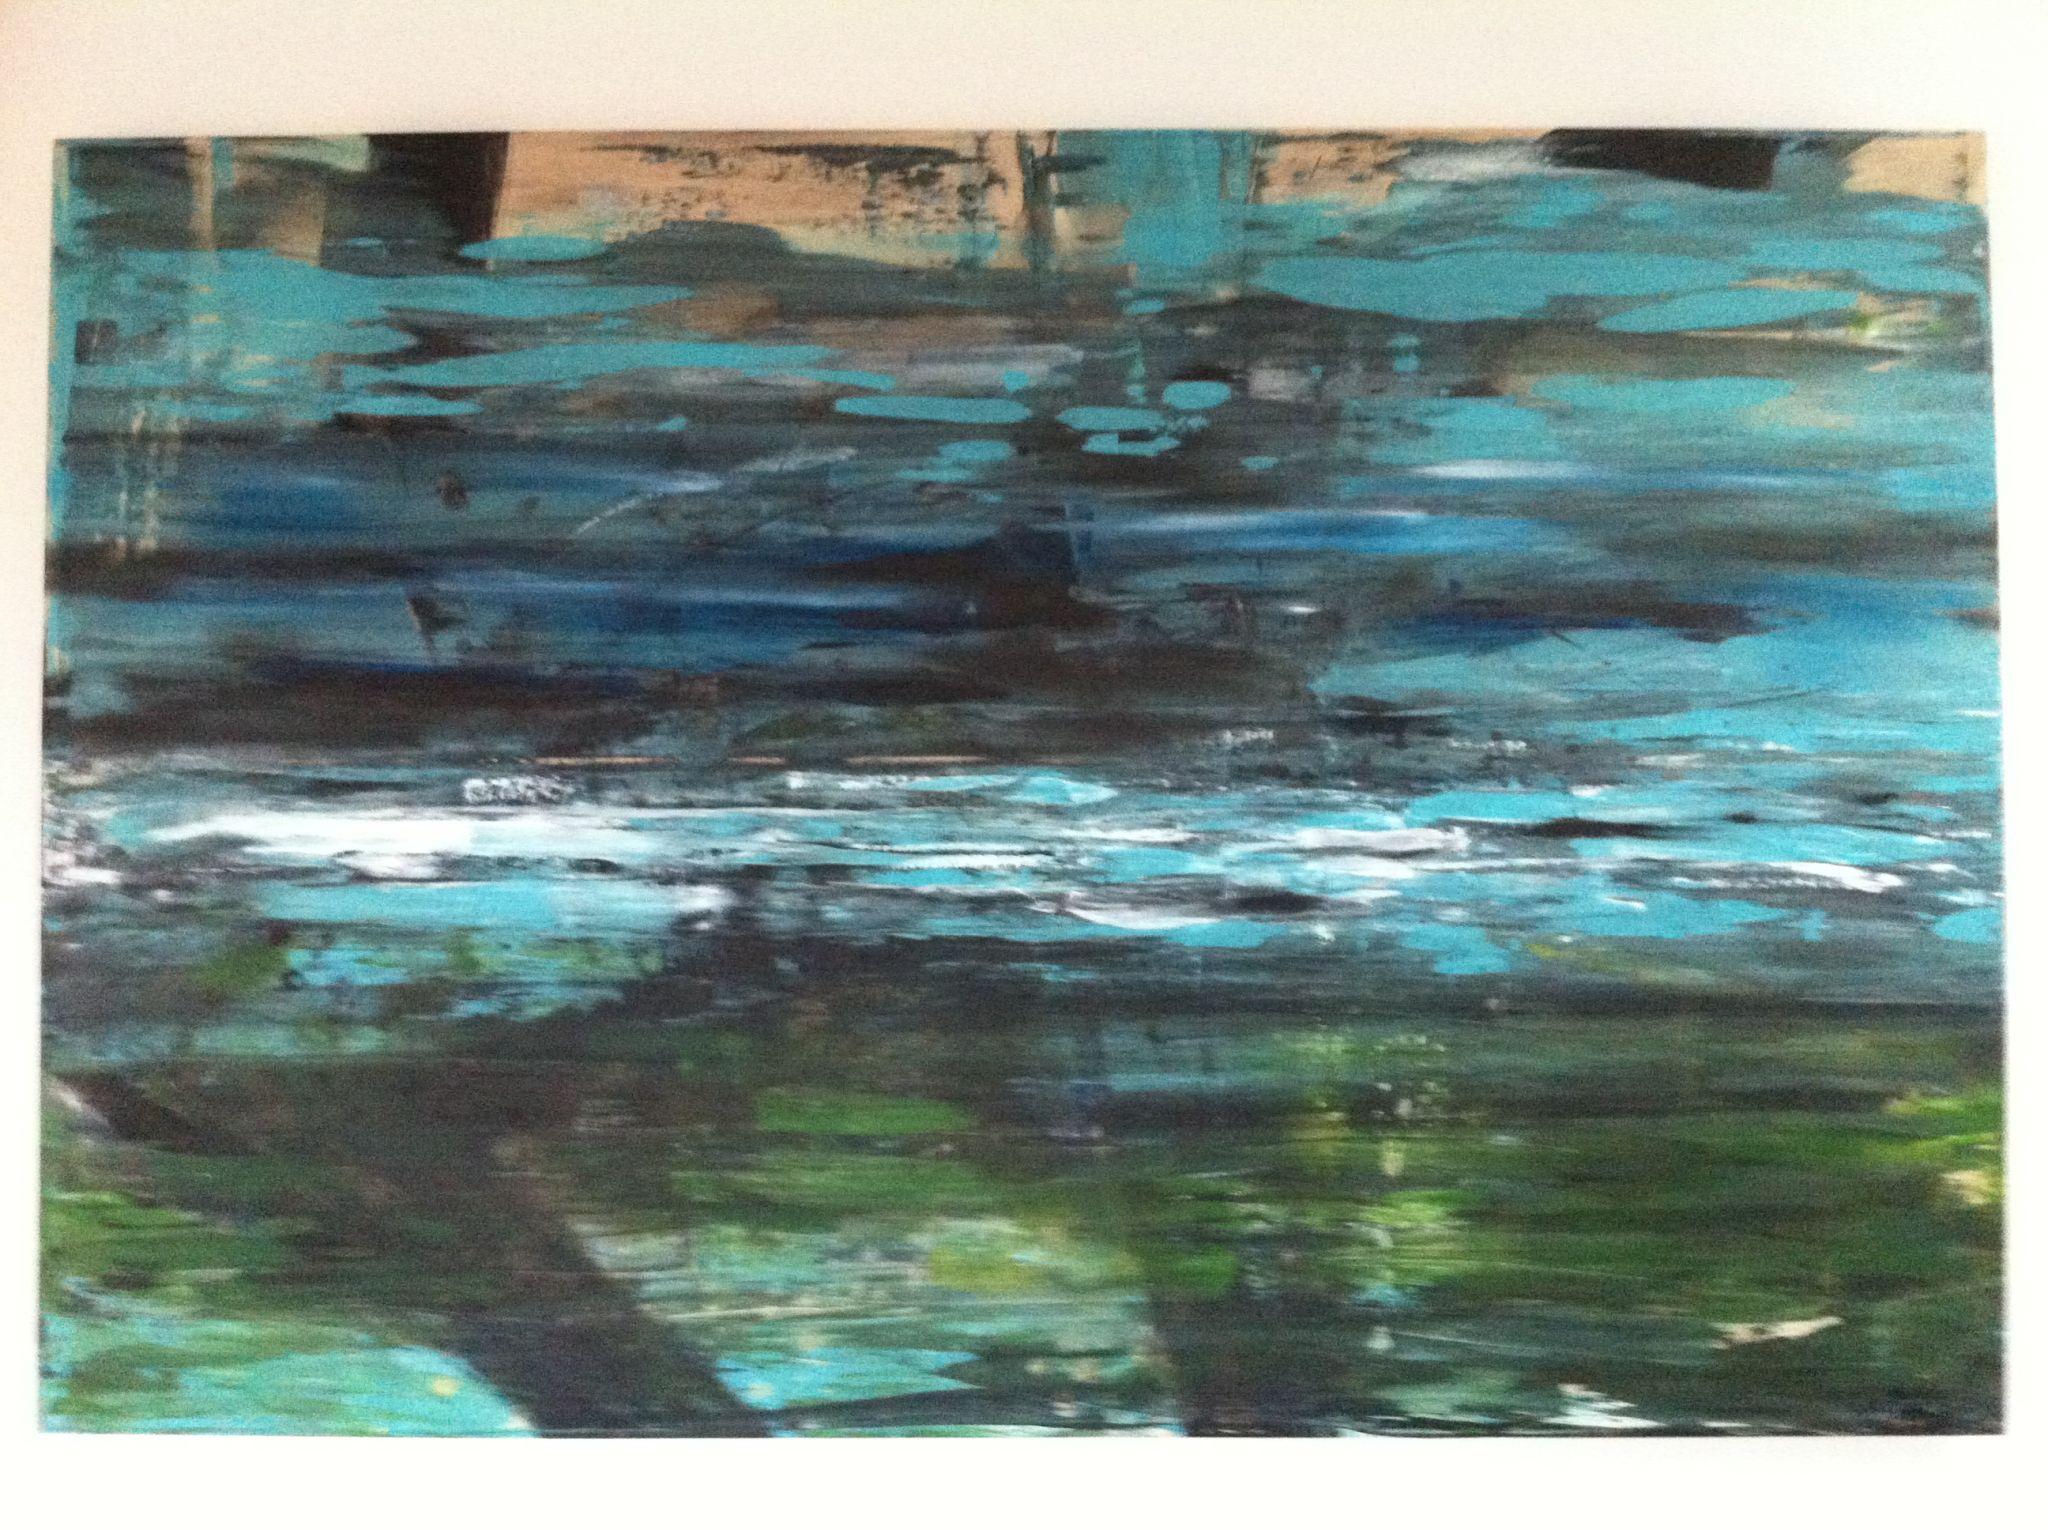 pod vodou, 120/150 cm, 2013, akryl na plátně